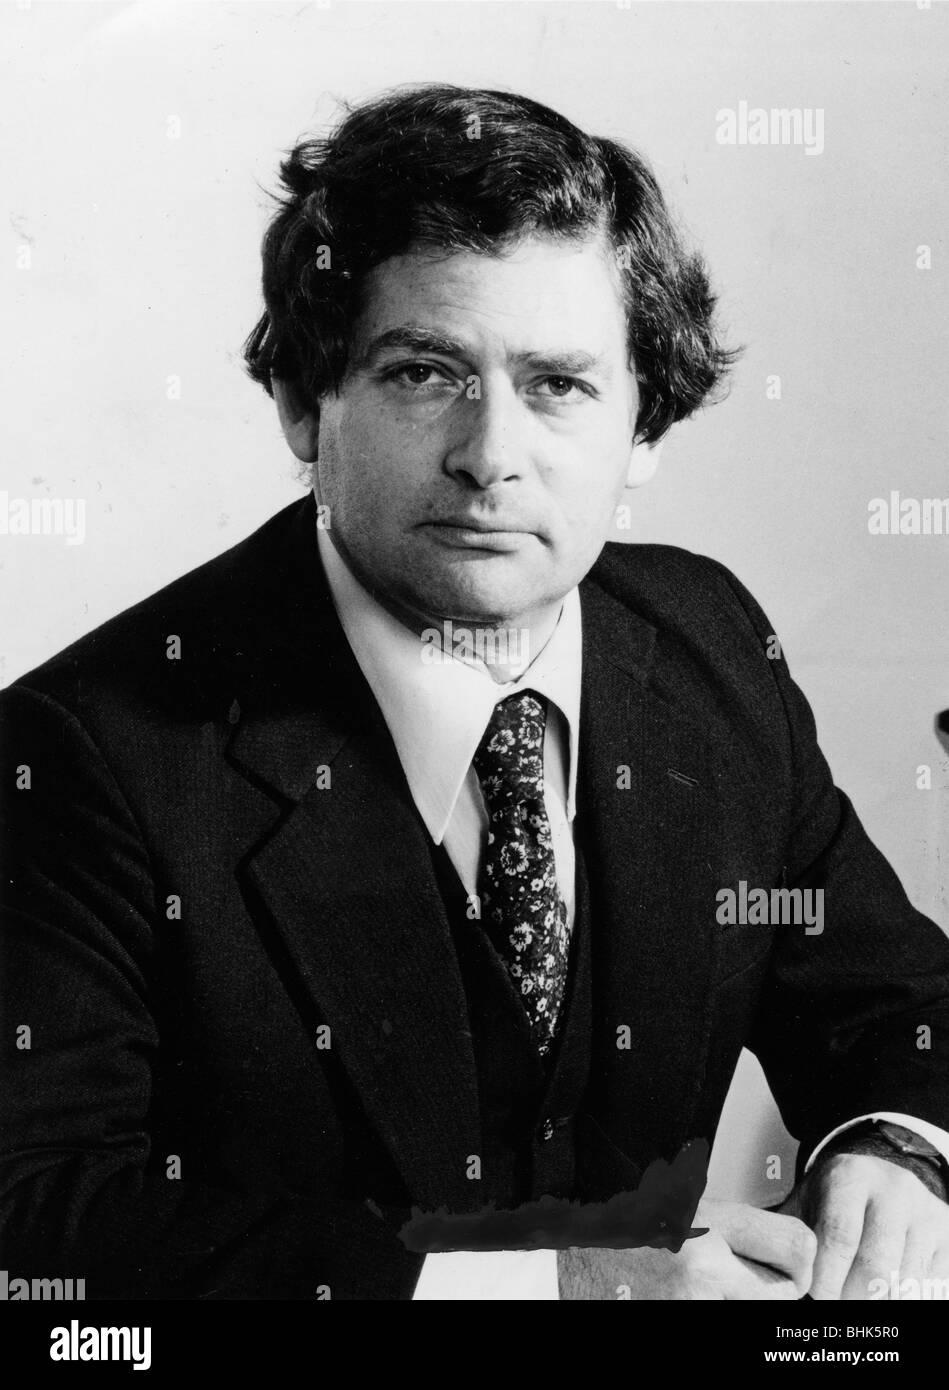 Nigel Lawson (1932- ), British...